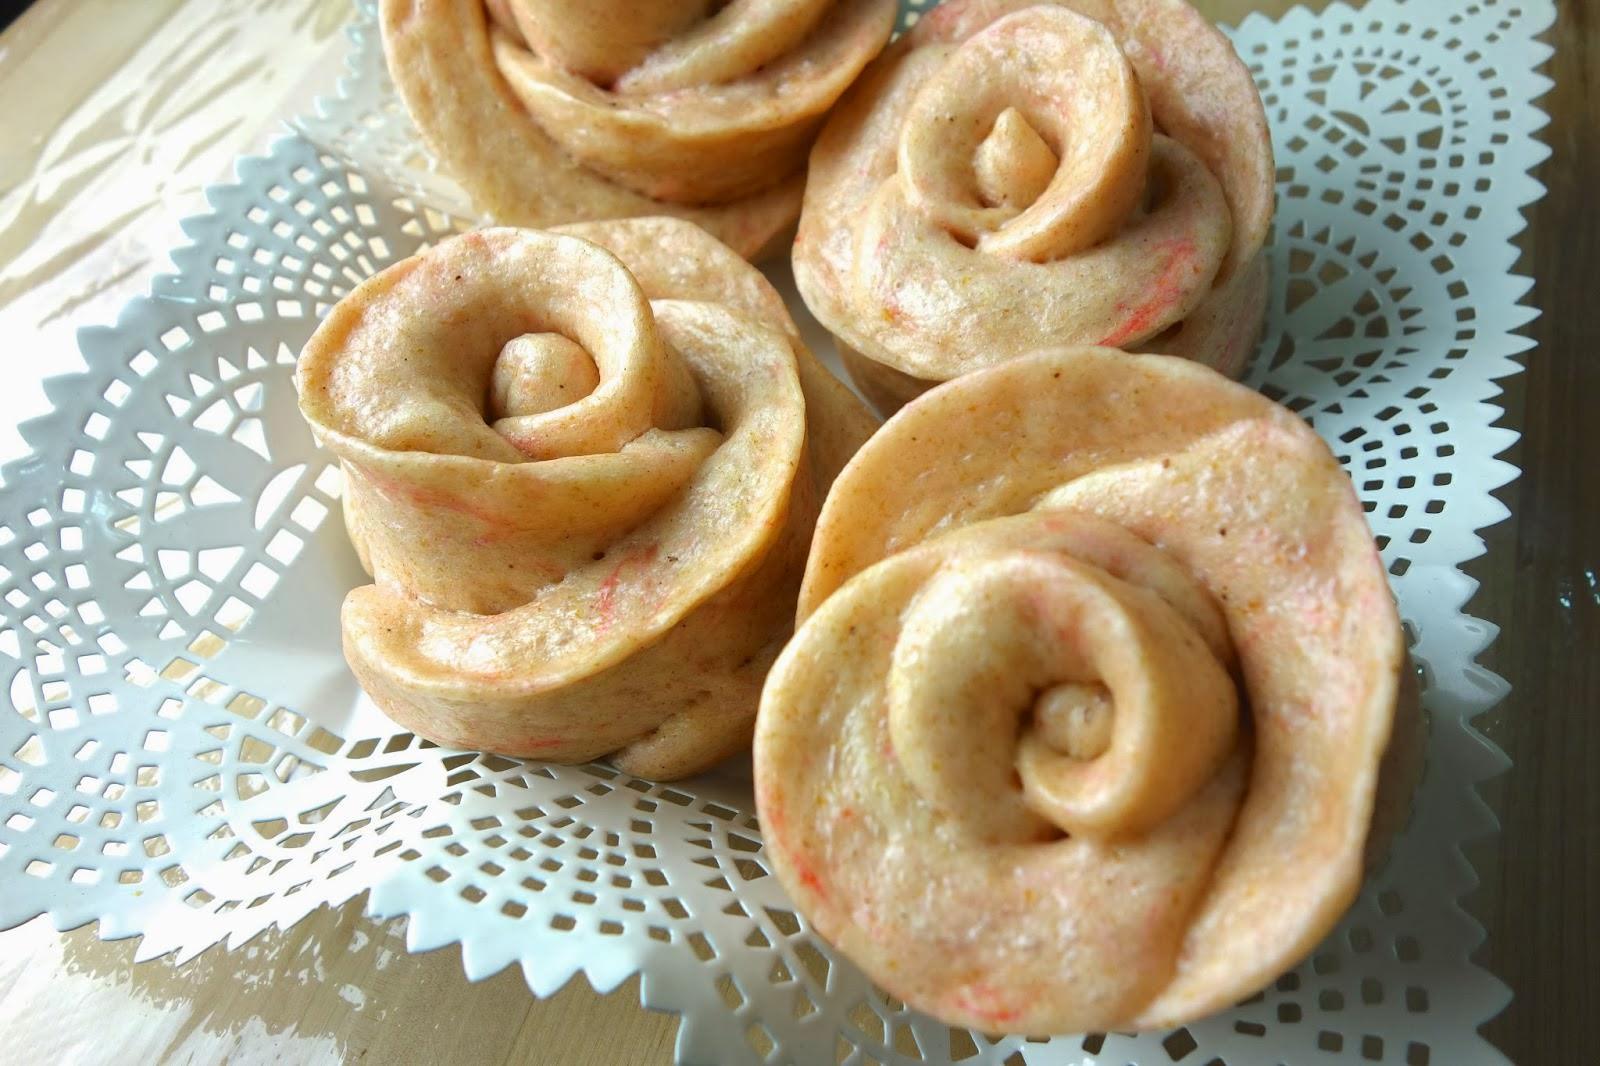 學會散發淡淡火龍果香的「玫瑰花饅頭」,天然又健康的做法,小朋友都搶著吃